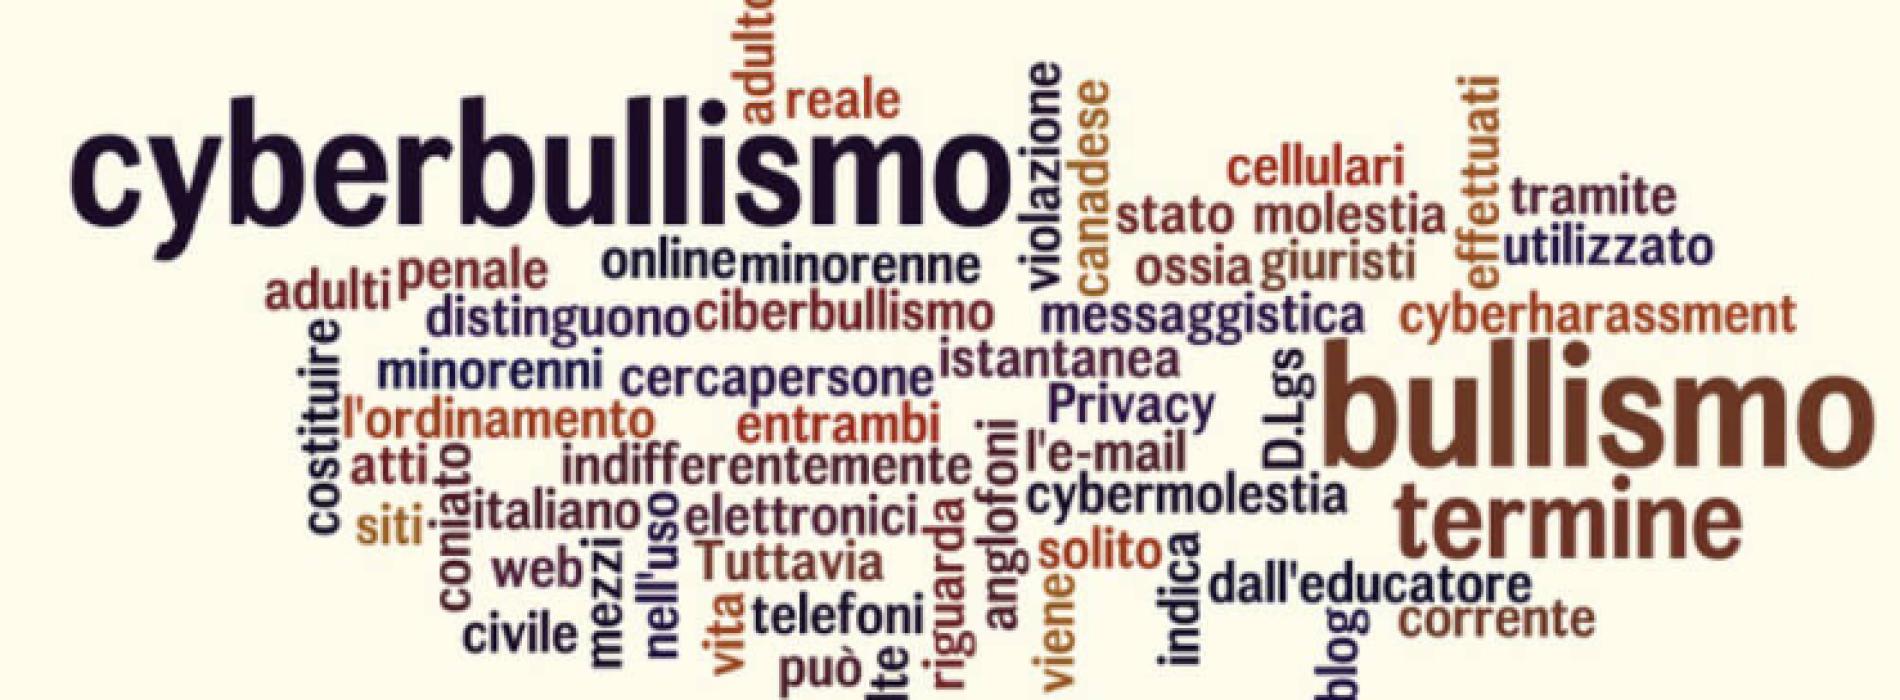 Bullismo e Cyberbullismo. Oggi la Giornata mondiale